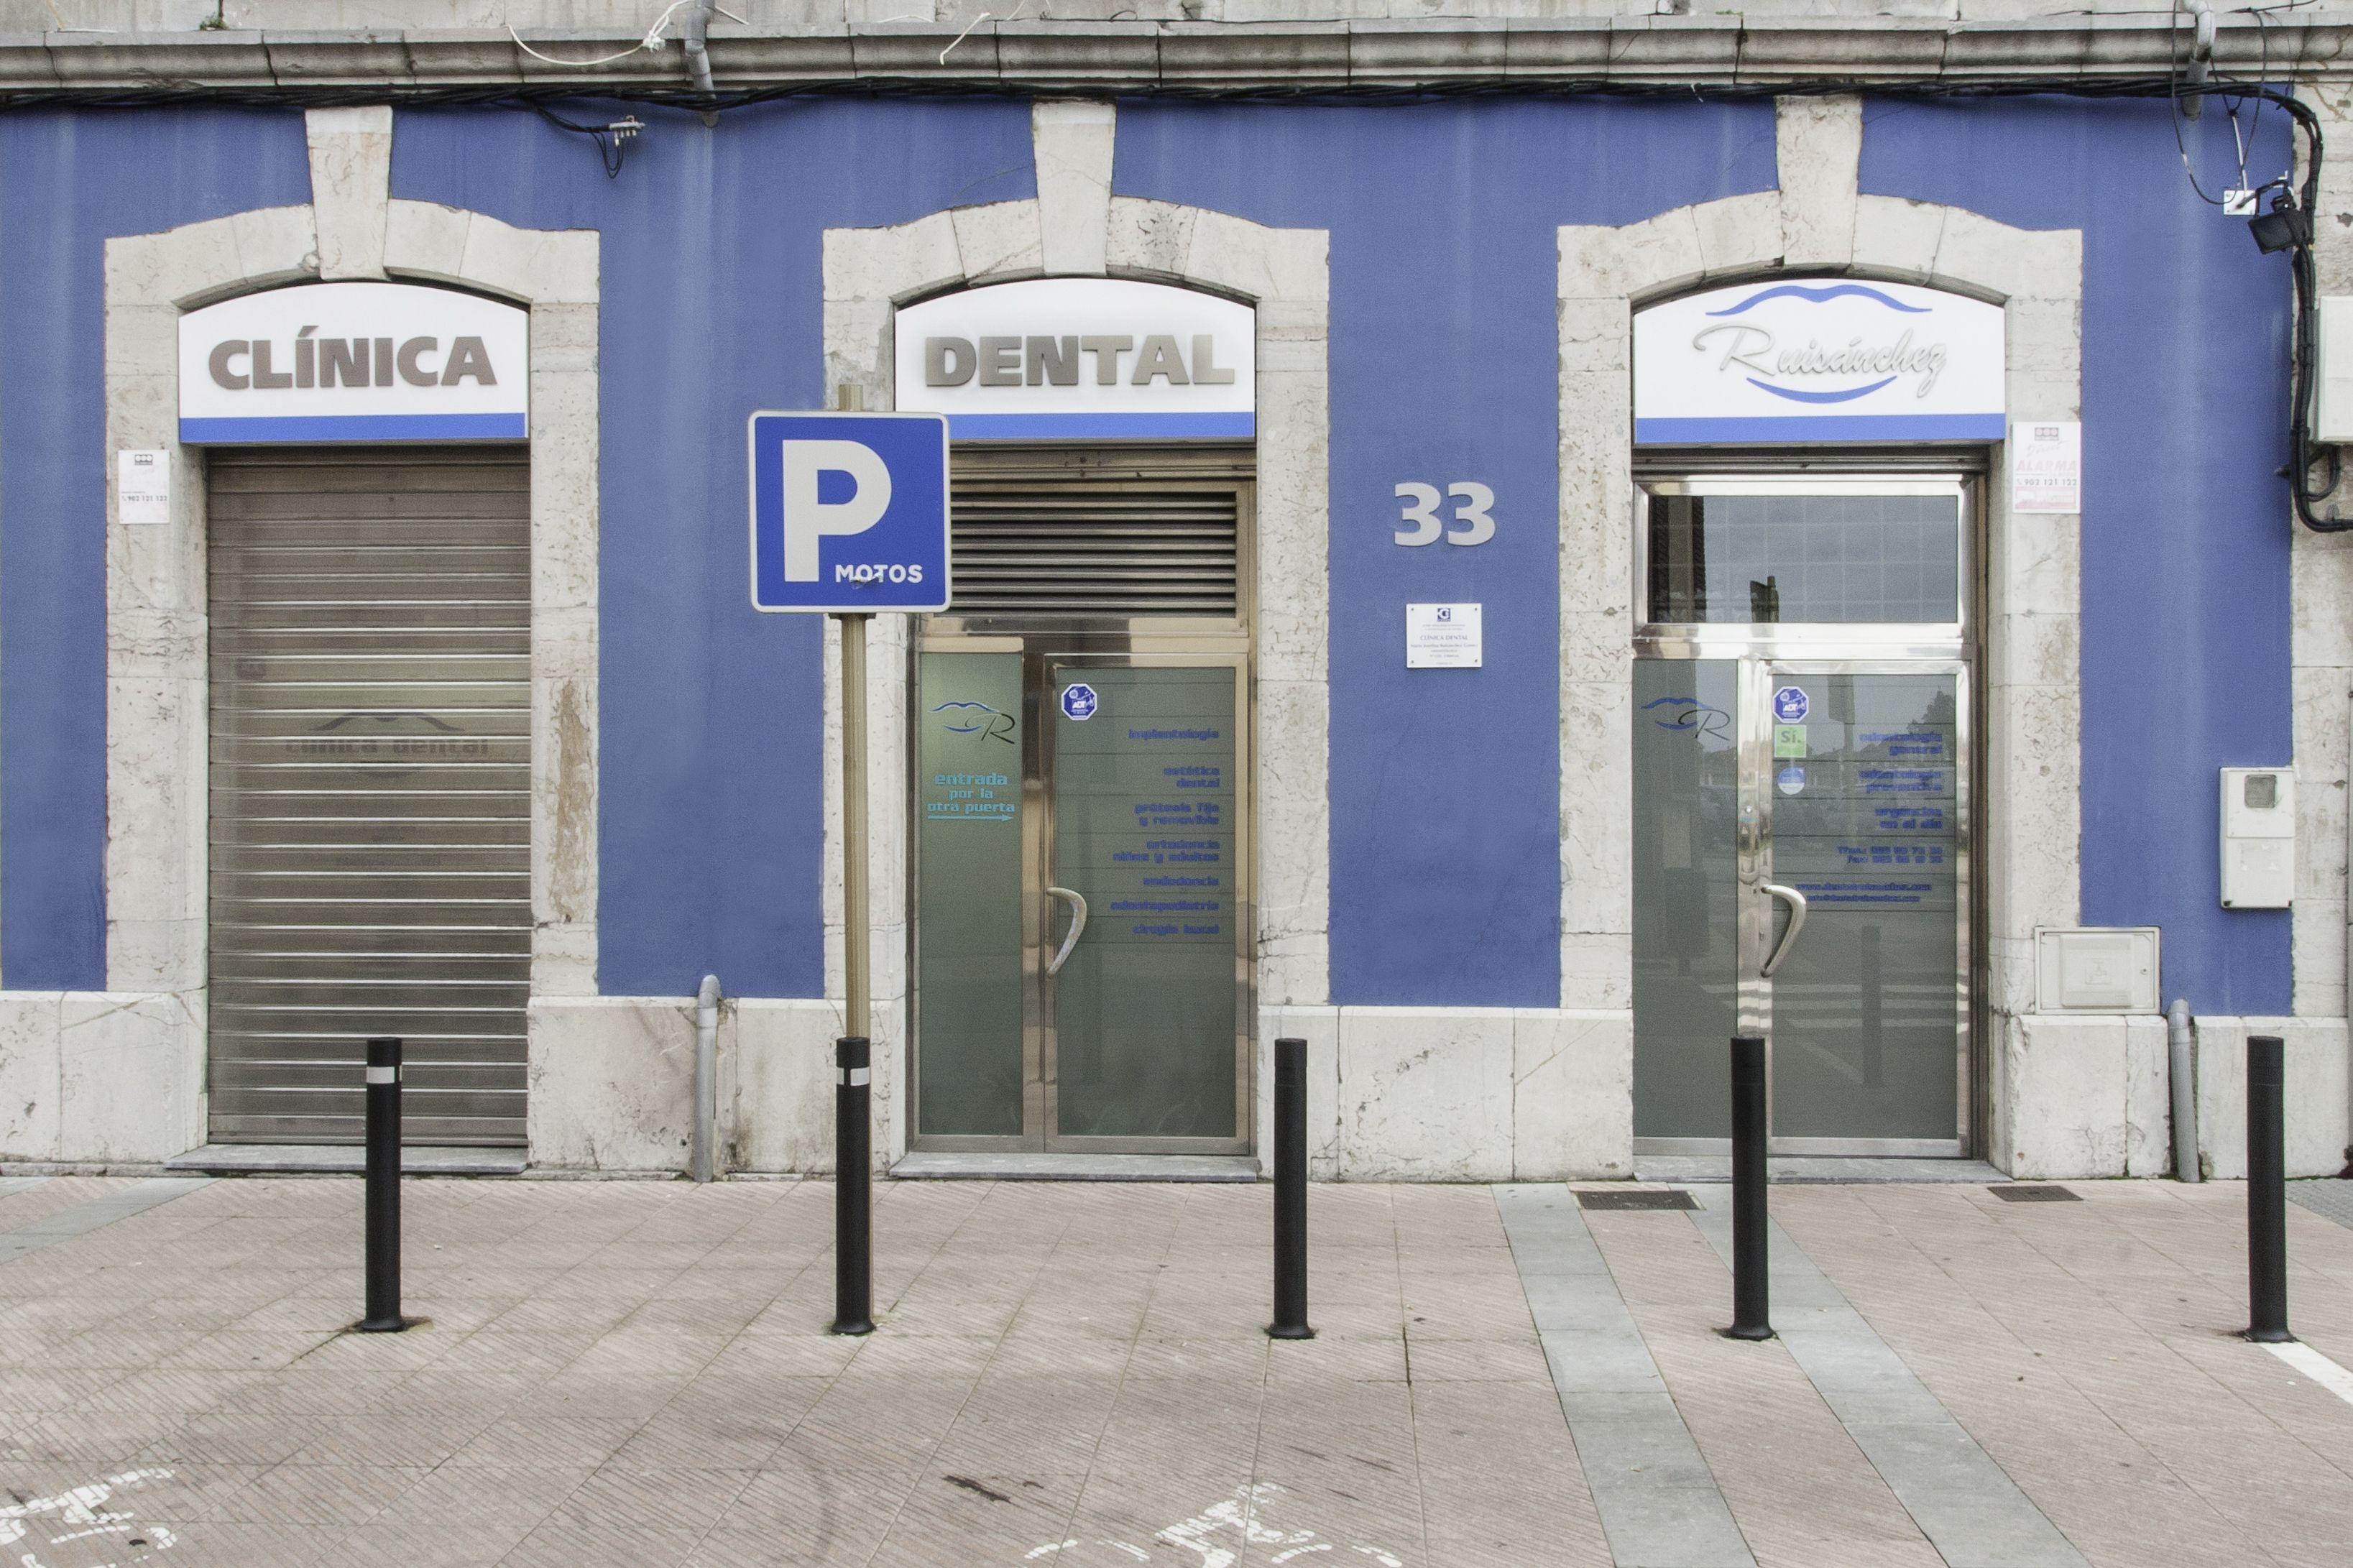 Picture 2 of Clínicas in Gijón | Clínica Dental Cuesta y Ruisánchez, S.L.